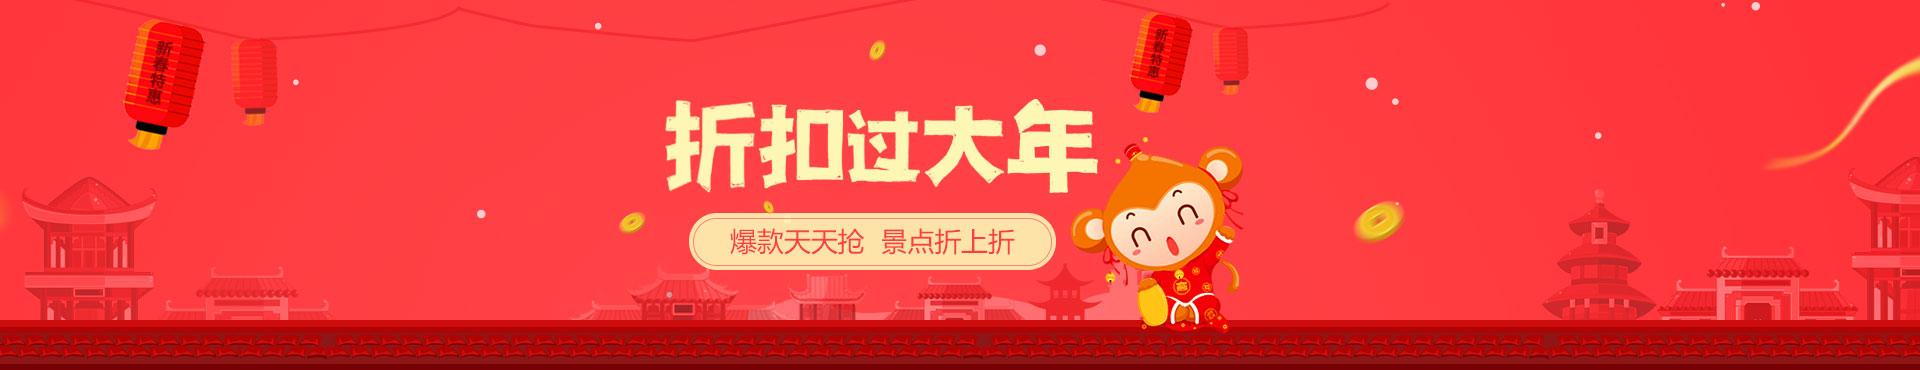 春节大幻灯